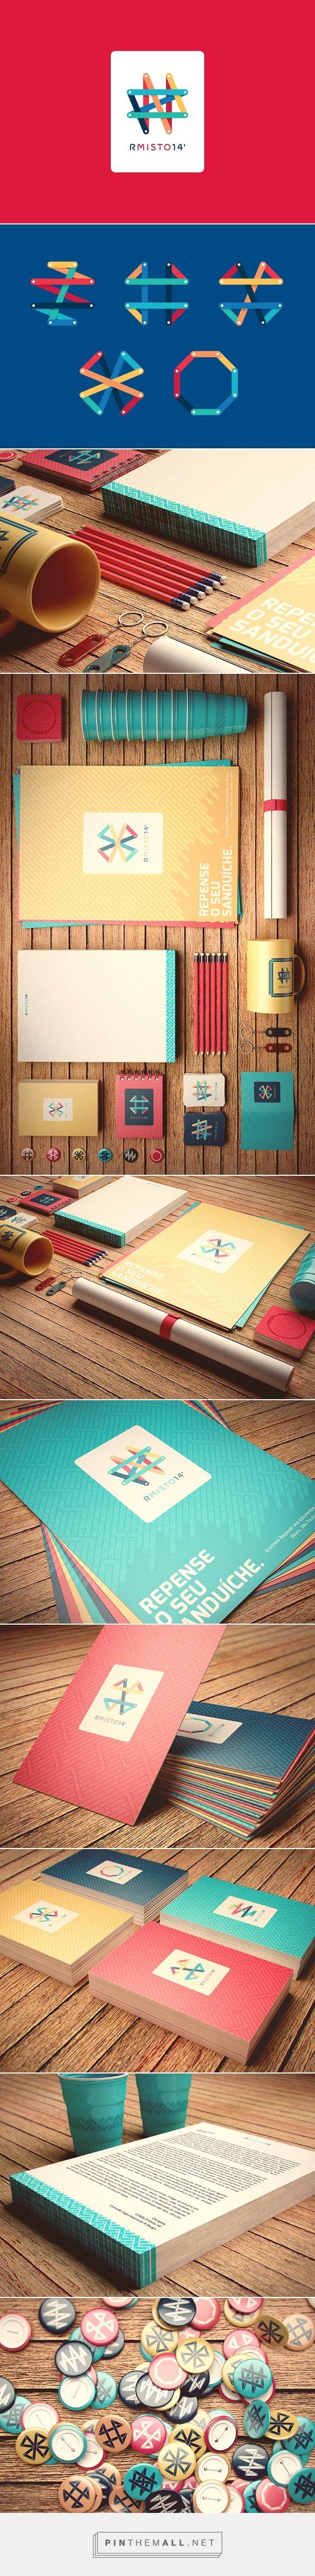 R Misto 14' Branding on Behance | Fivestar Branding – Design and Branding Agency…